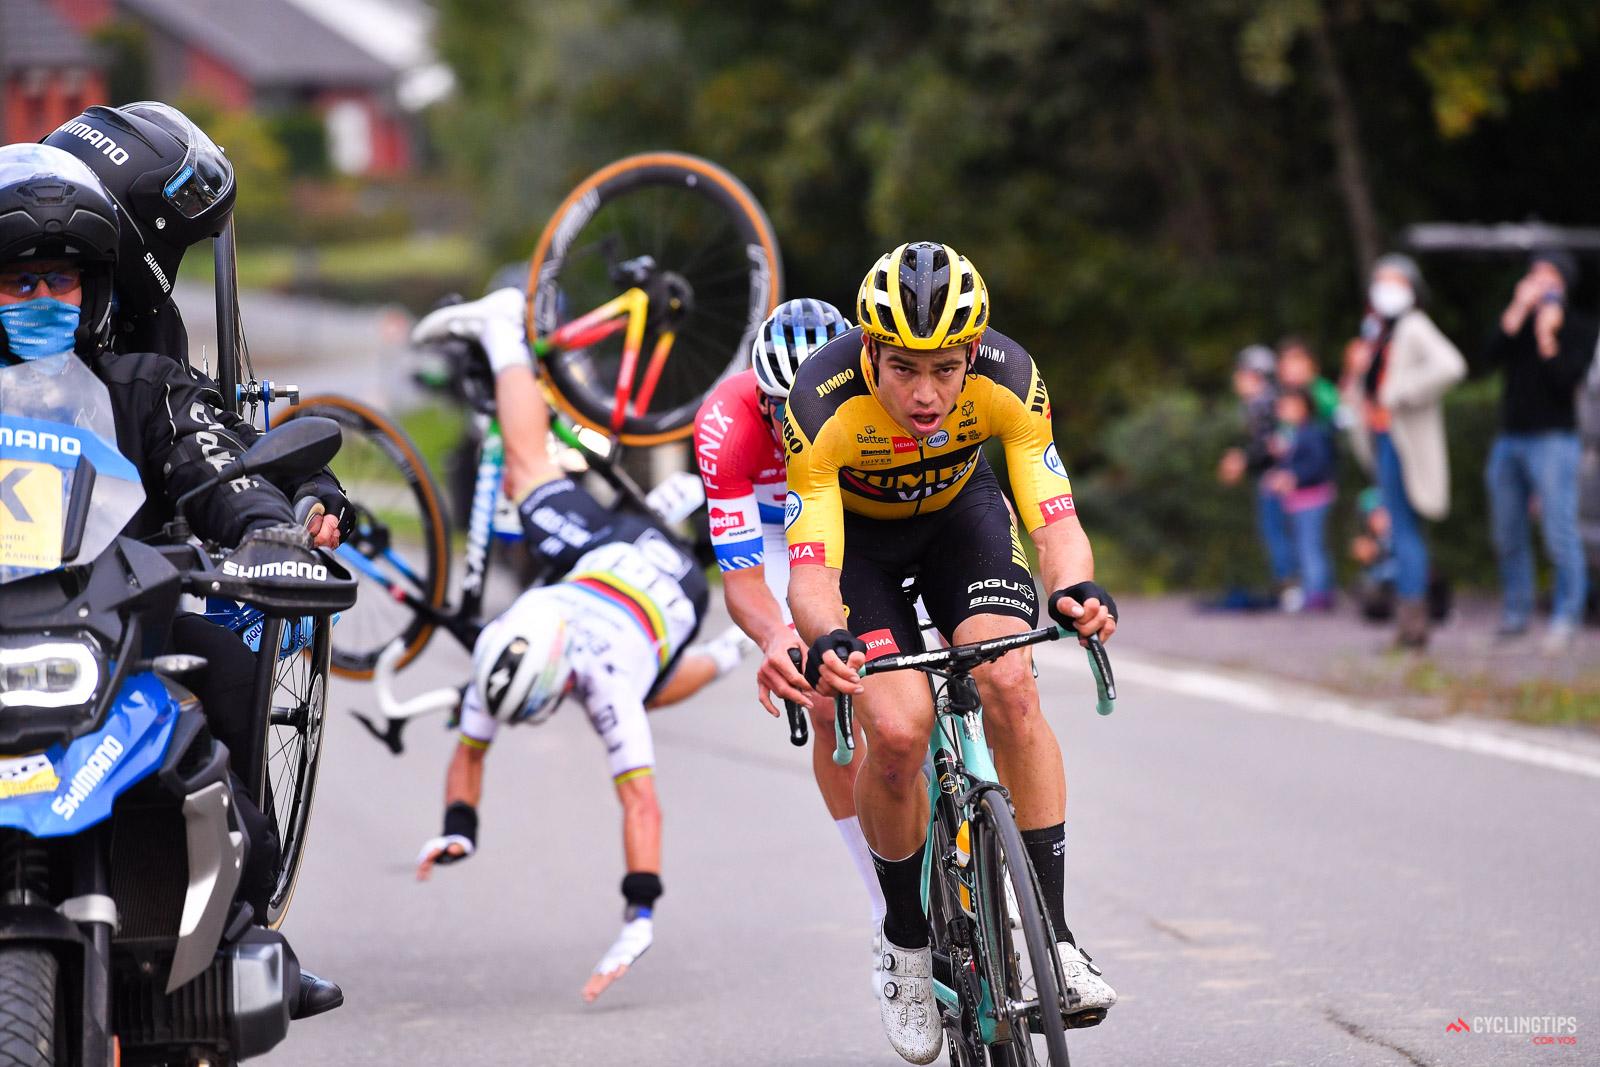 Wout van Aert eyes one-week races in 2021: Daily News Digest